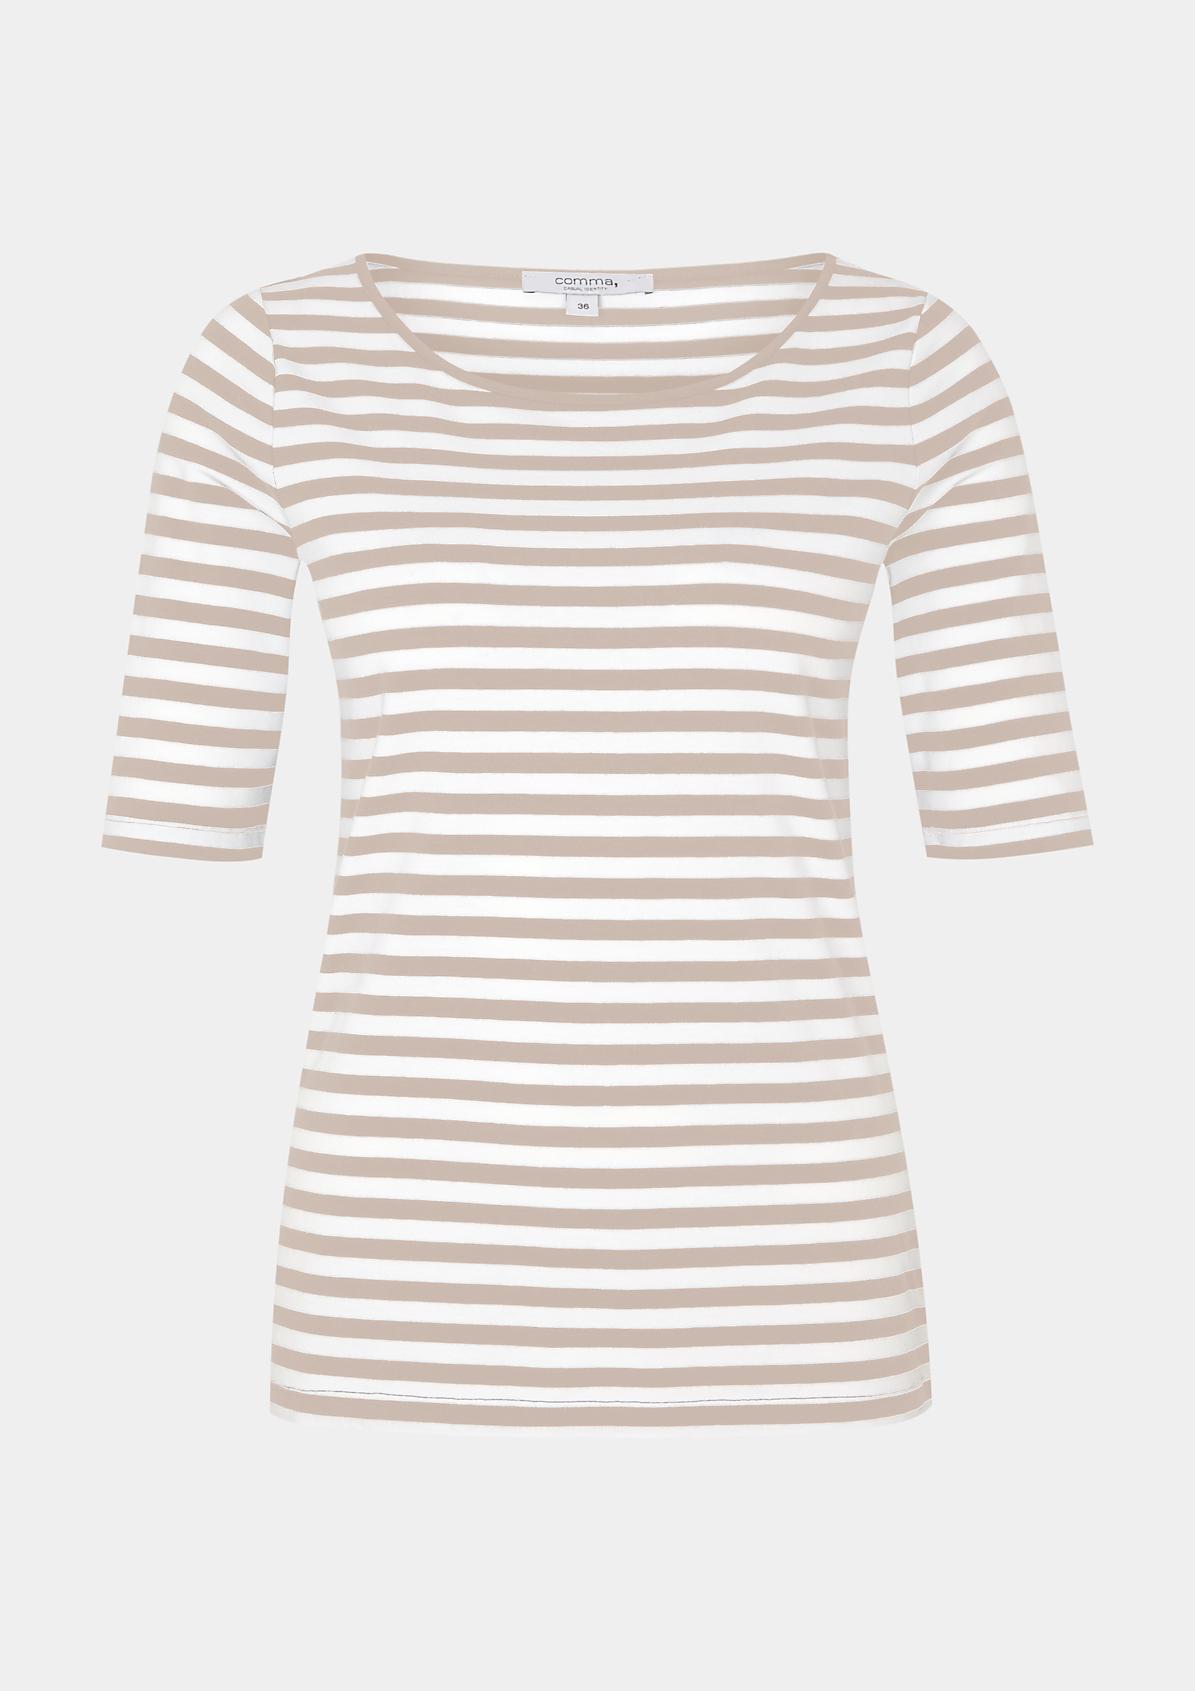 Leichtes Kurzarm-Jerseyshirt mit klassischem Streifenmuster